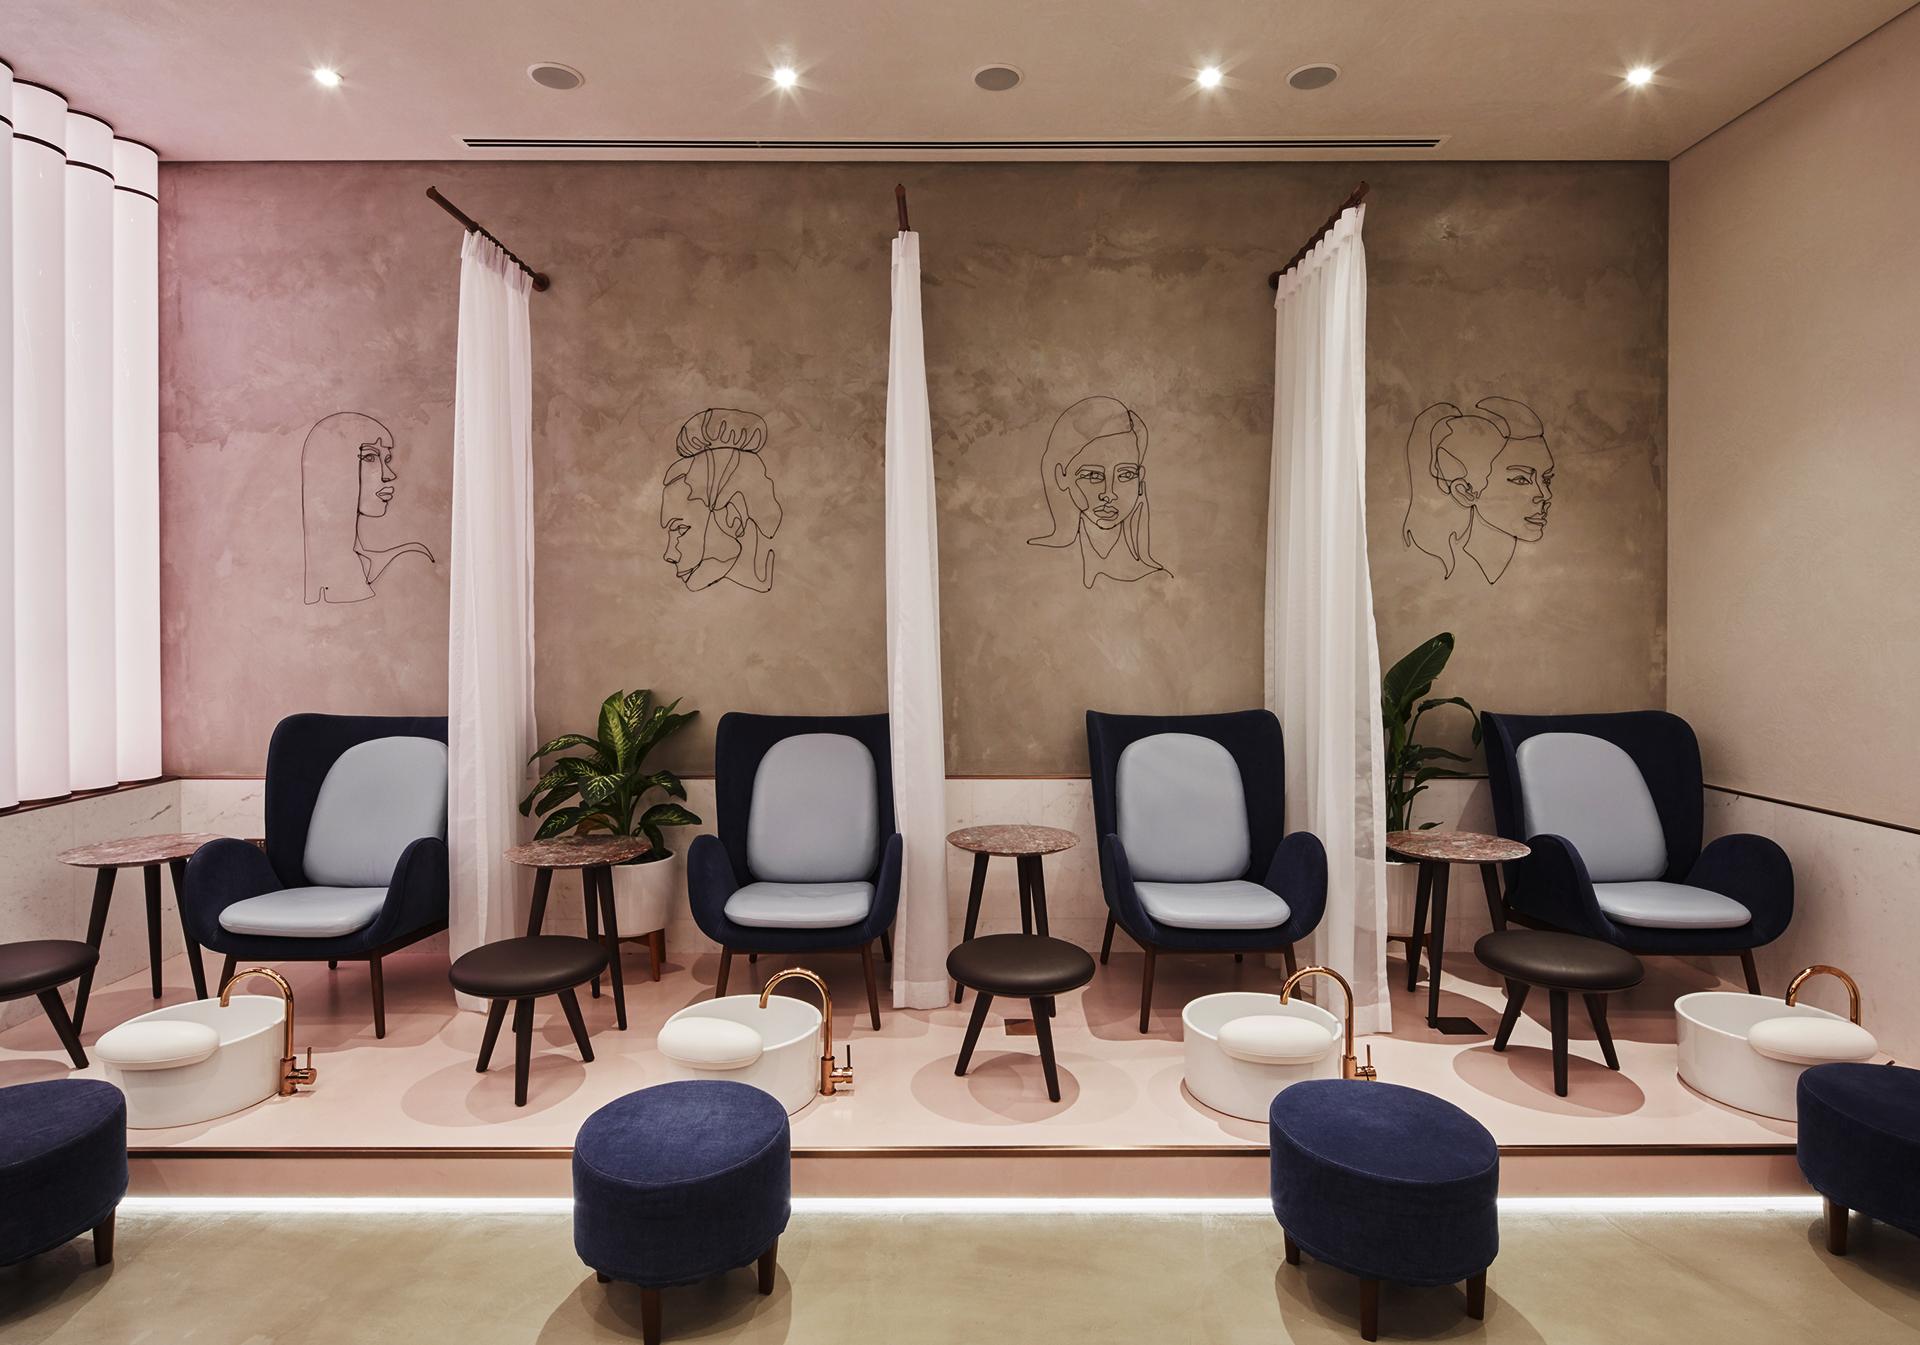 Deco Salon Rose Poudré beauty clinic, lifestyle designs: rose poudre, abu dhabi